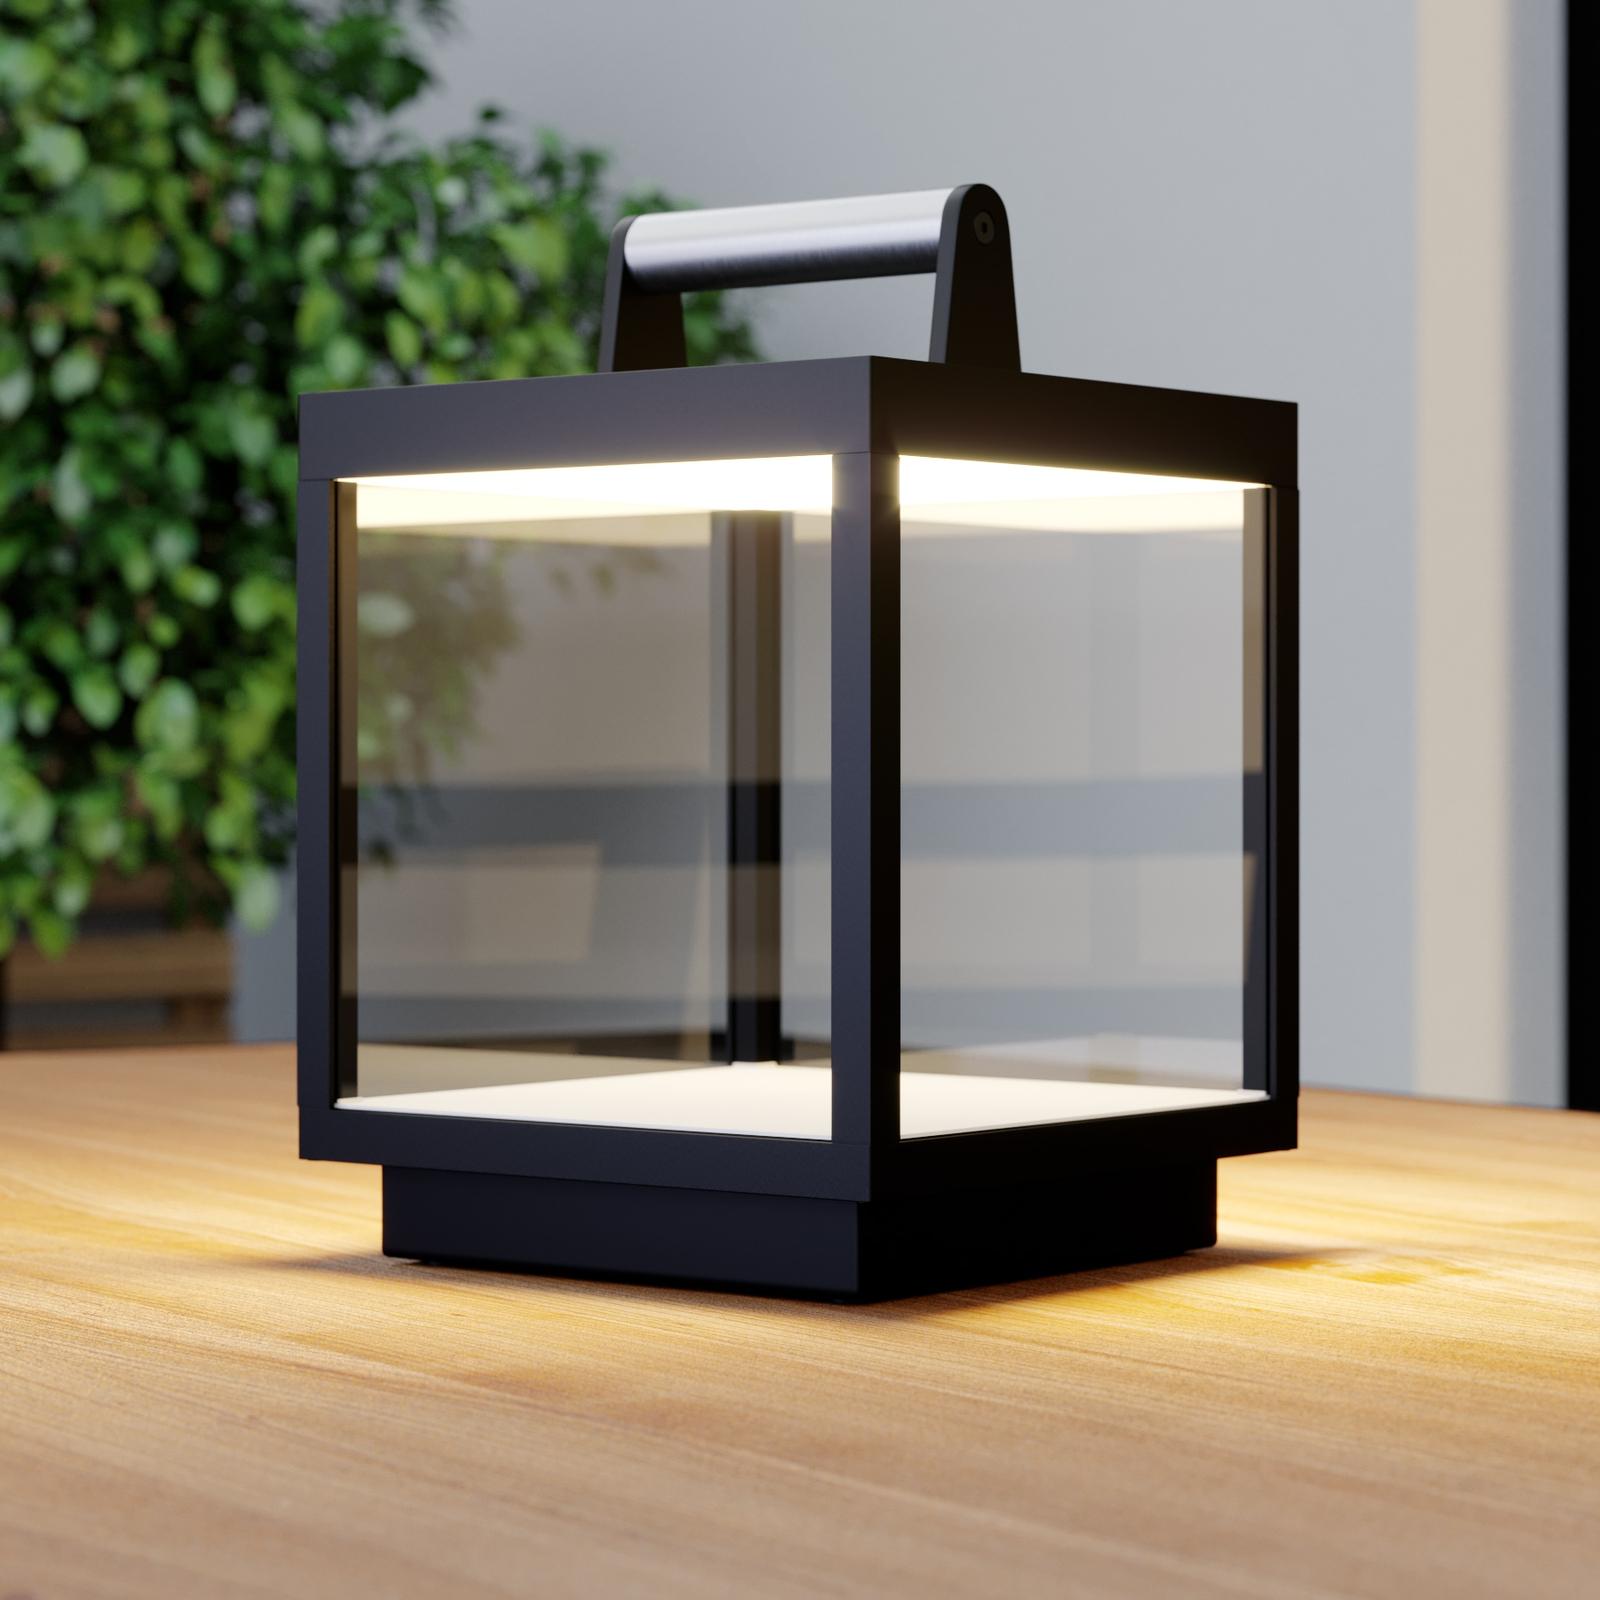 LED tafellamp Cube voor buiten, oplaadbaar